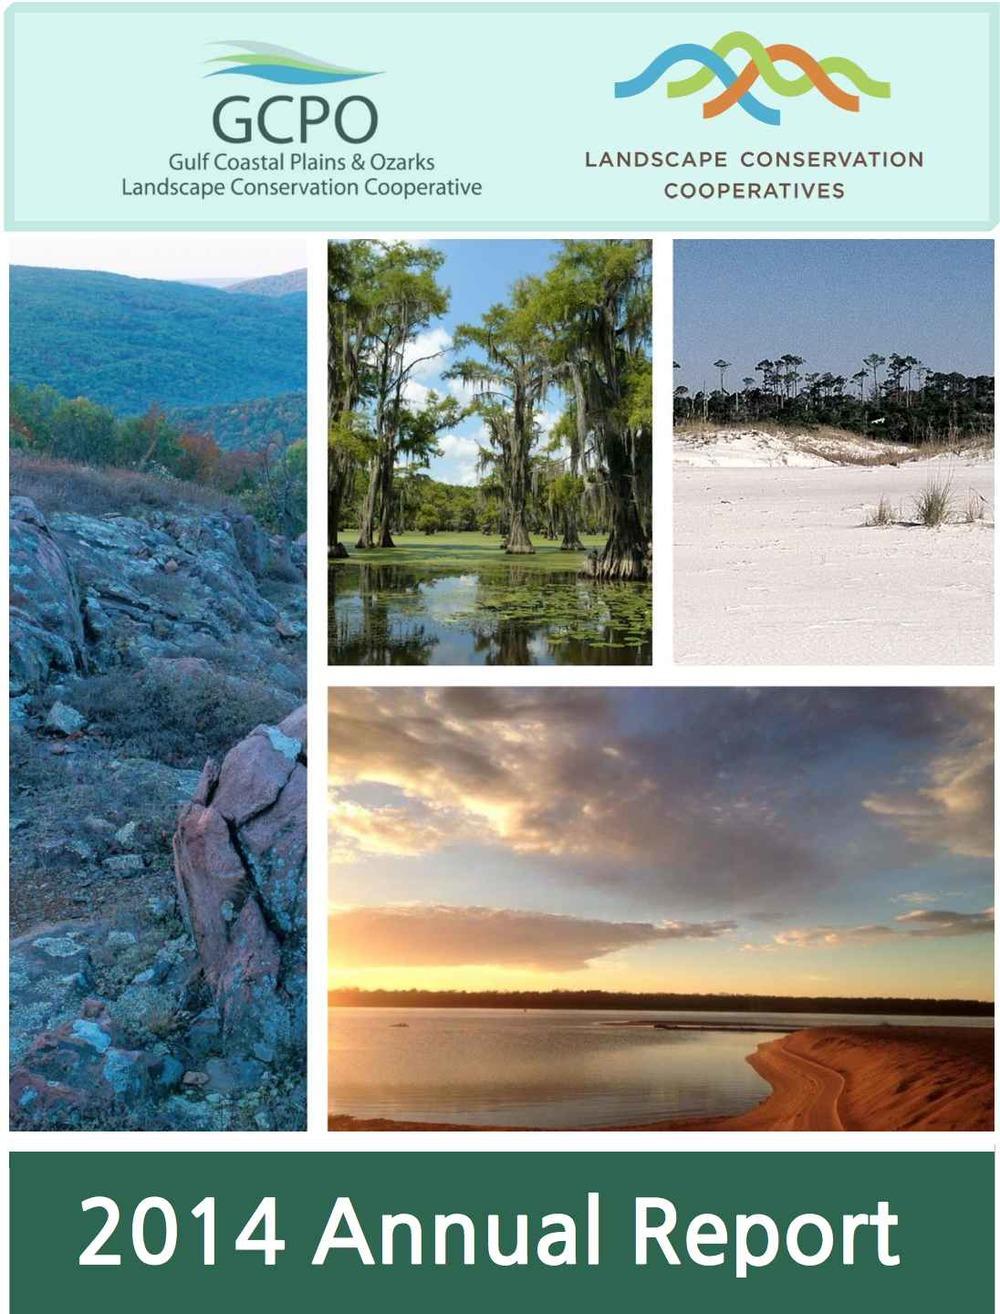 GCPO LCC 2014 Annual Report